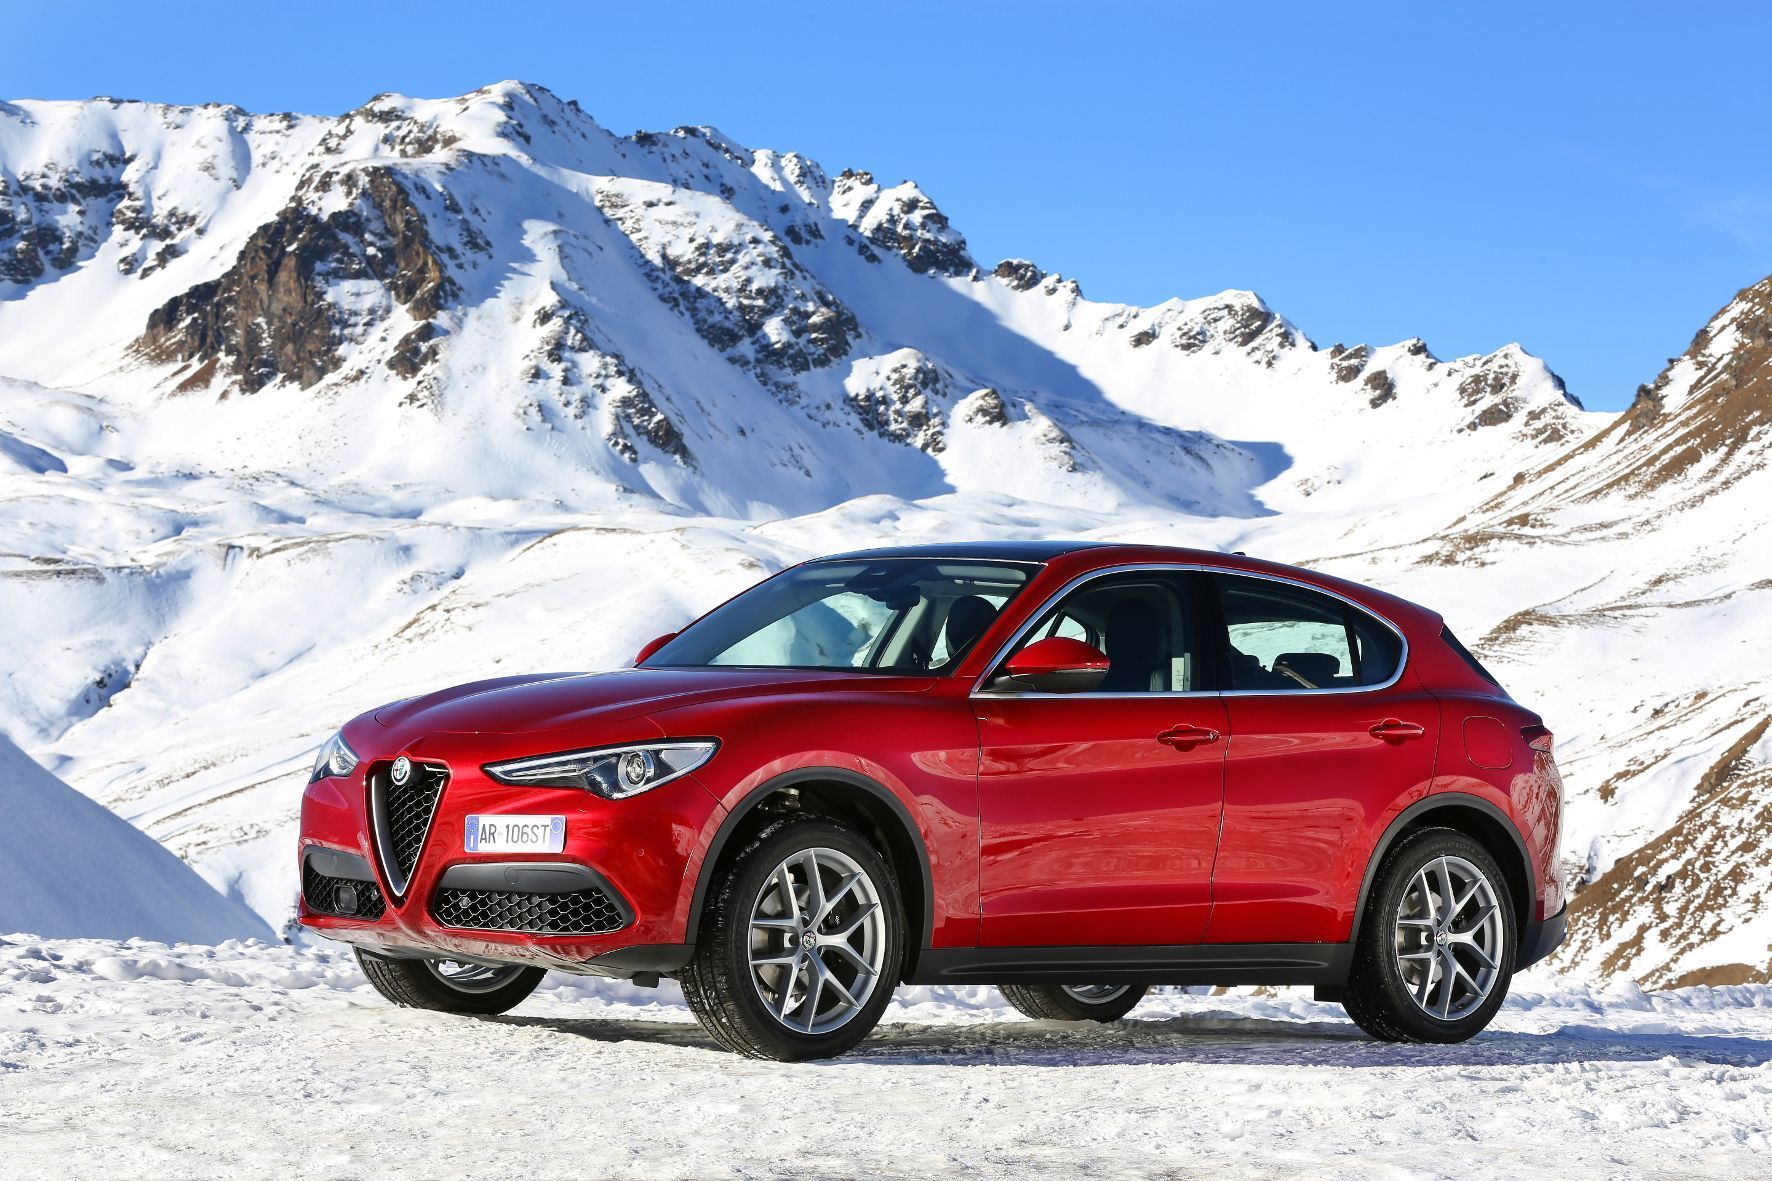 mid St. Moritz - Mit dem Stelvio will Alfa Romeo hoch hinaus. Mit betörendem Äußeren, hoher Fahrdynamik und luxuriösem Innenraum stehen die Chancen dafür gut.